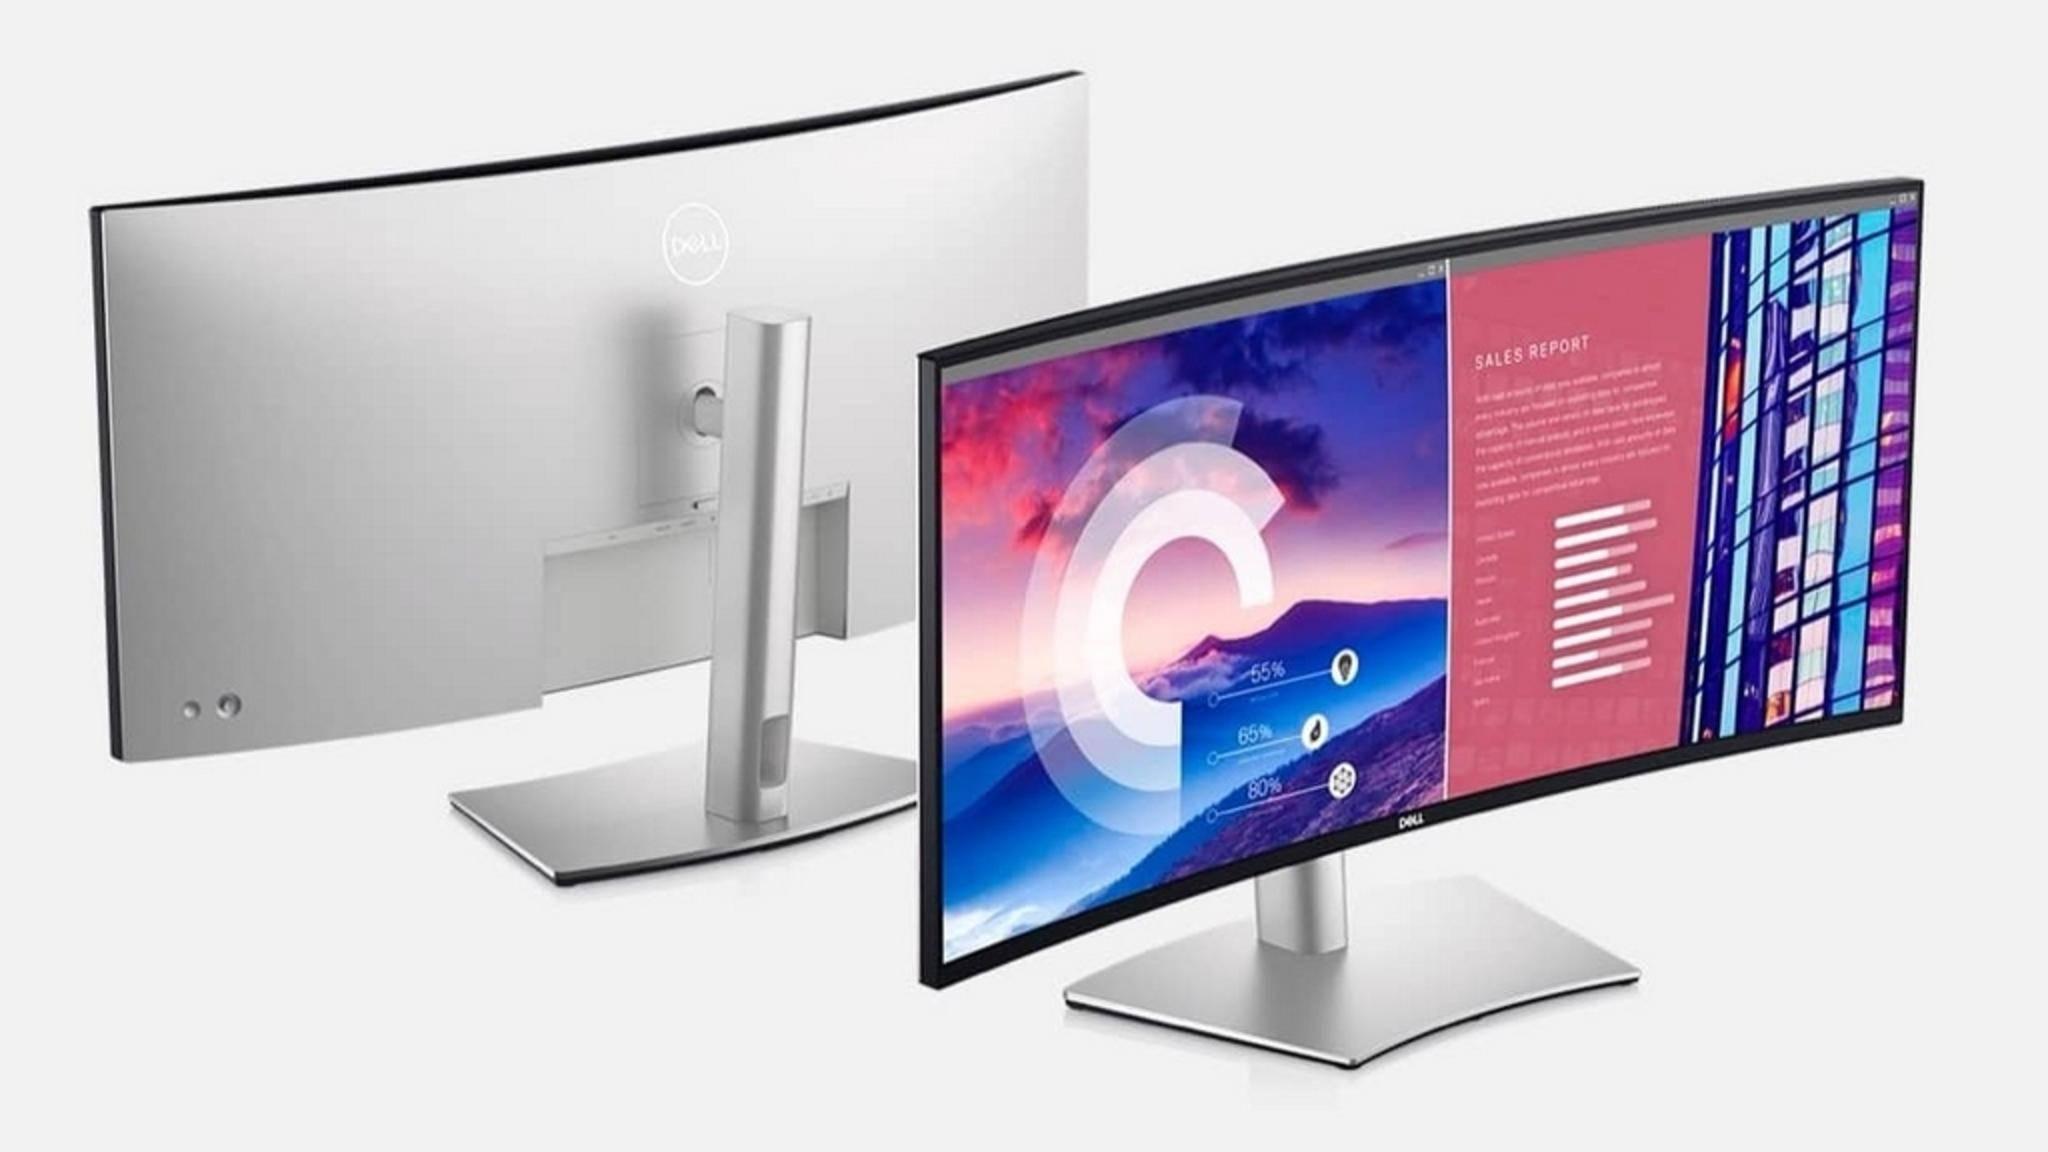 Dell-Ultrasharp-40-Monitor